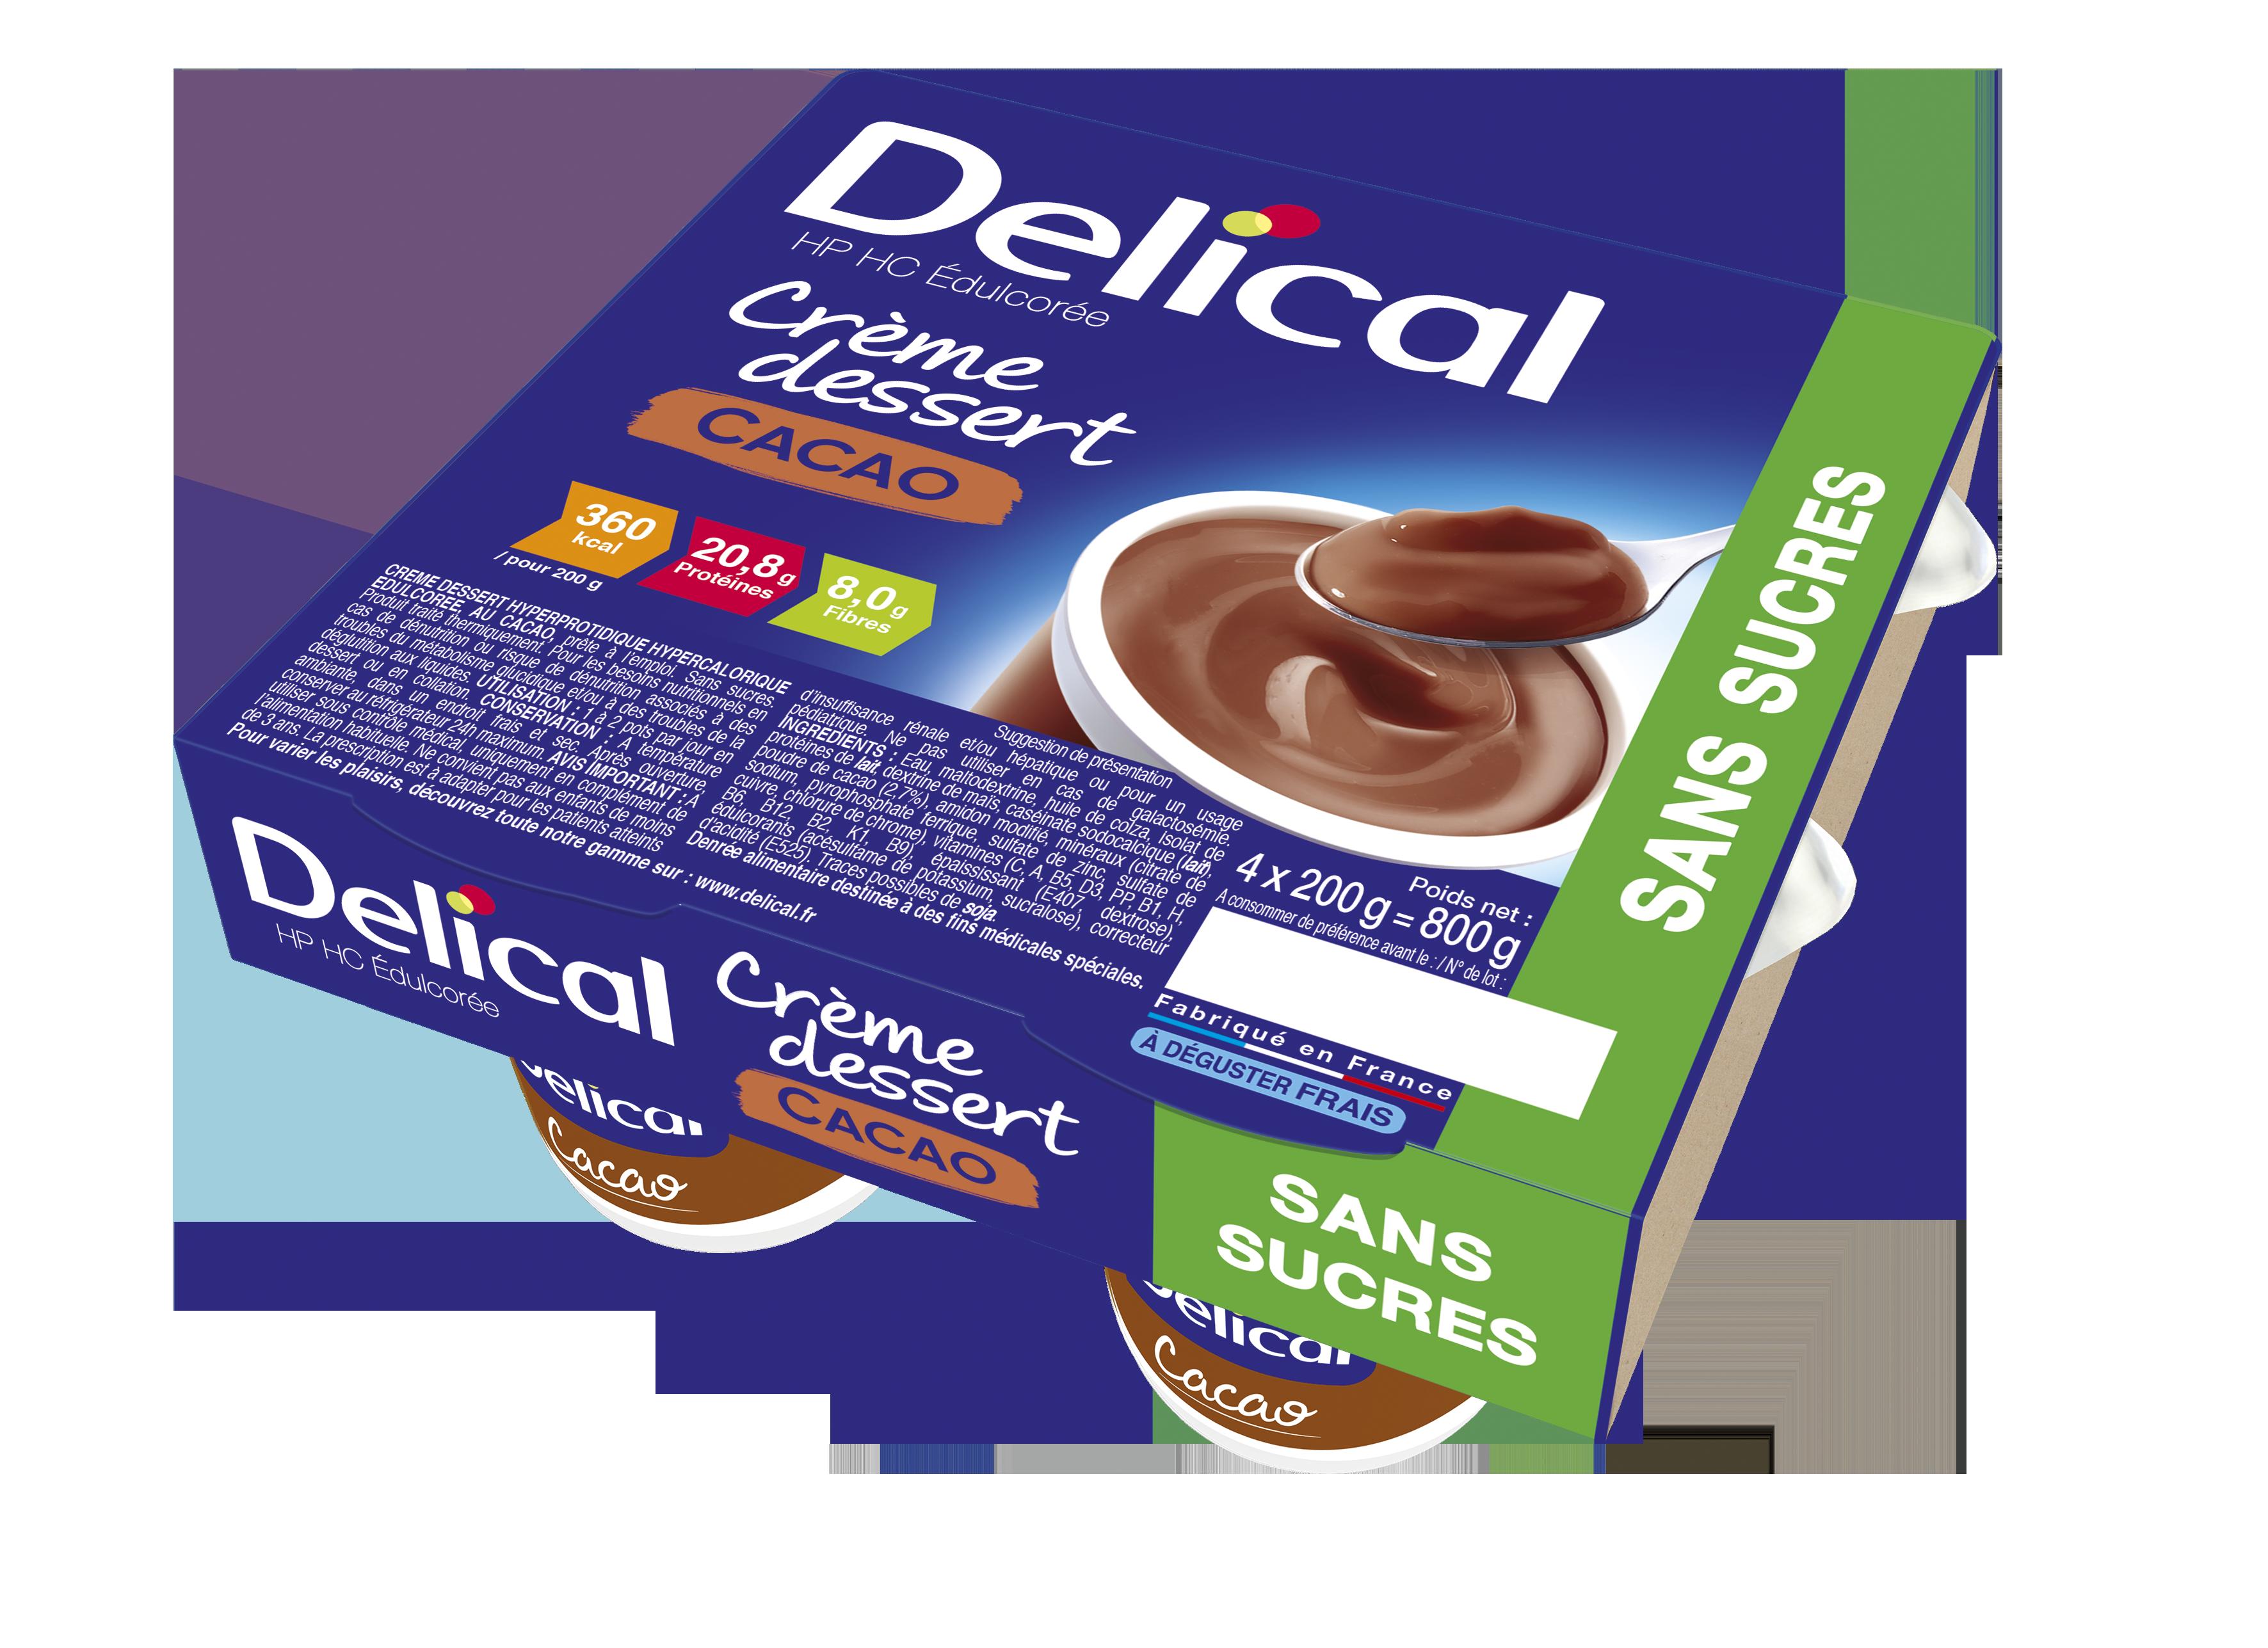 Delical Creme Dessert Hp Hc Sans Sucres Cacao